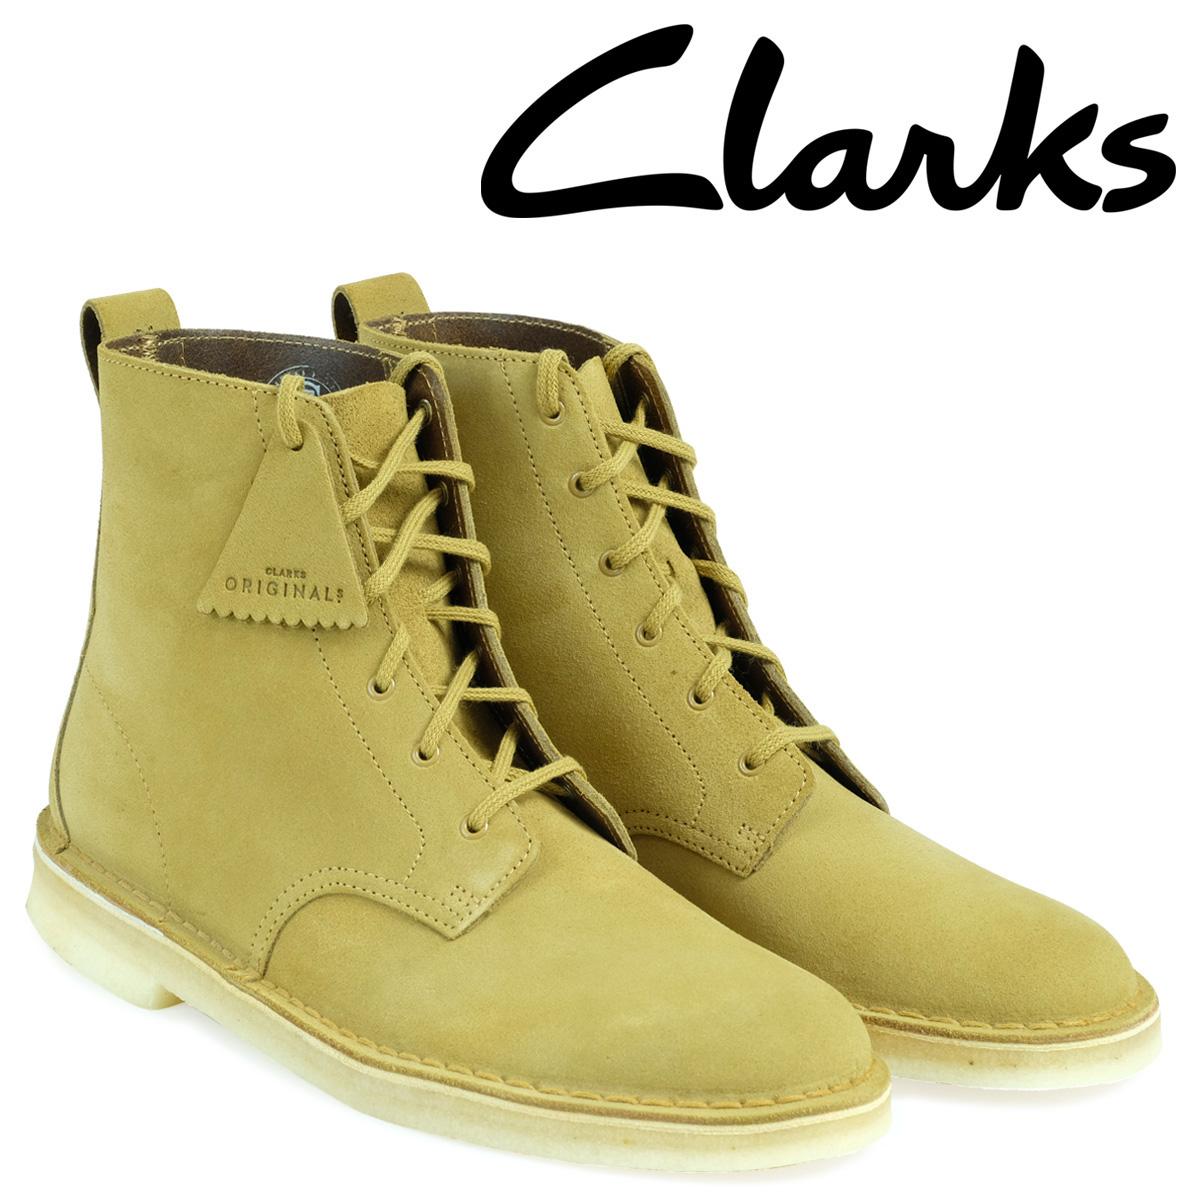 クラークス デザート マリ ブーツ メンズ Clarks DESERT MALI 26128271 ブラウン